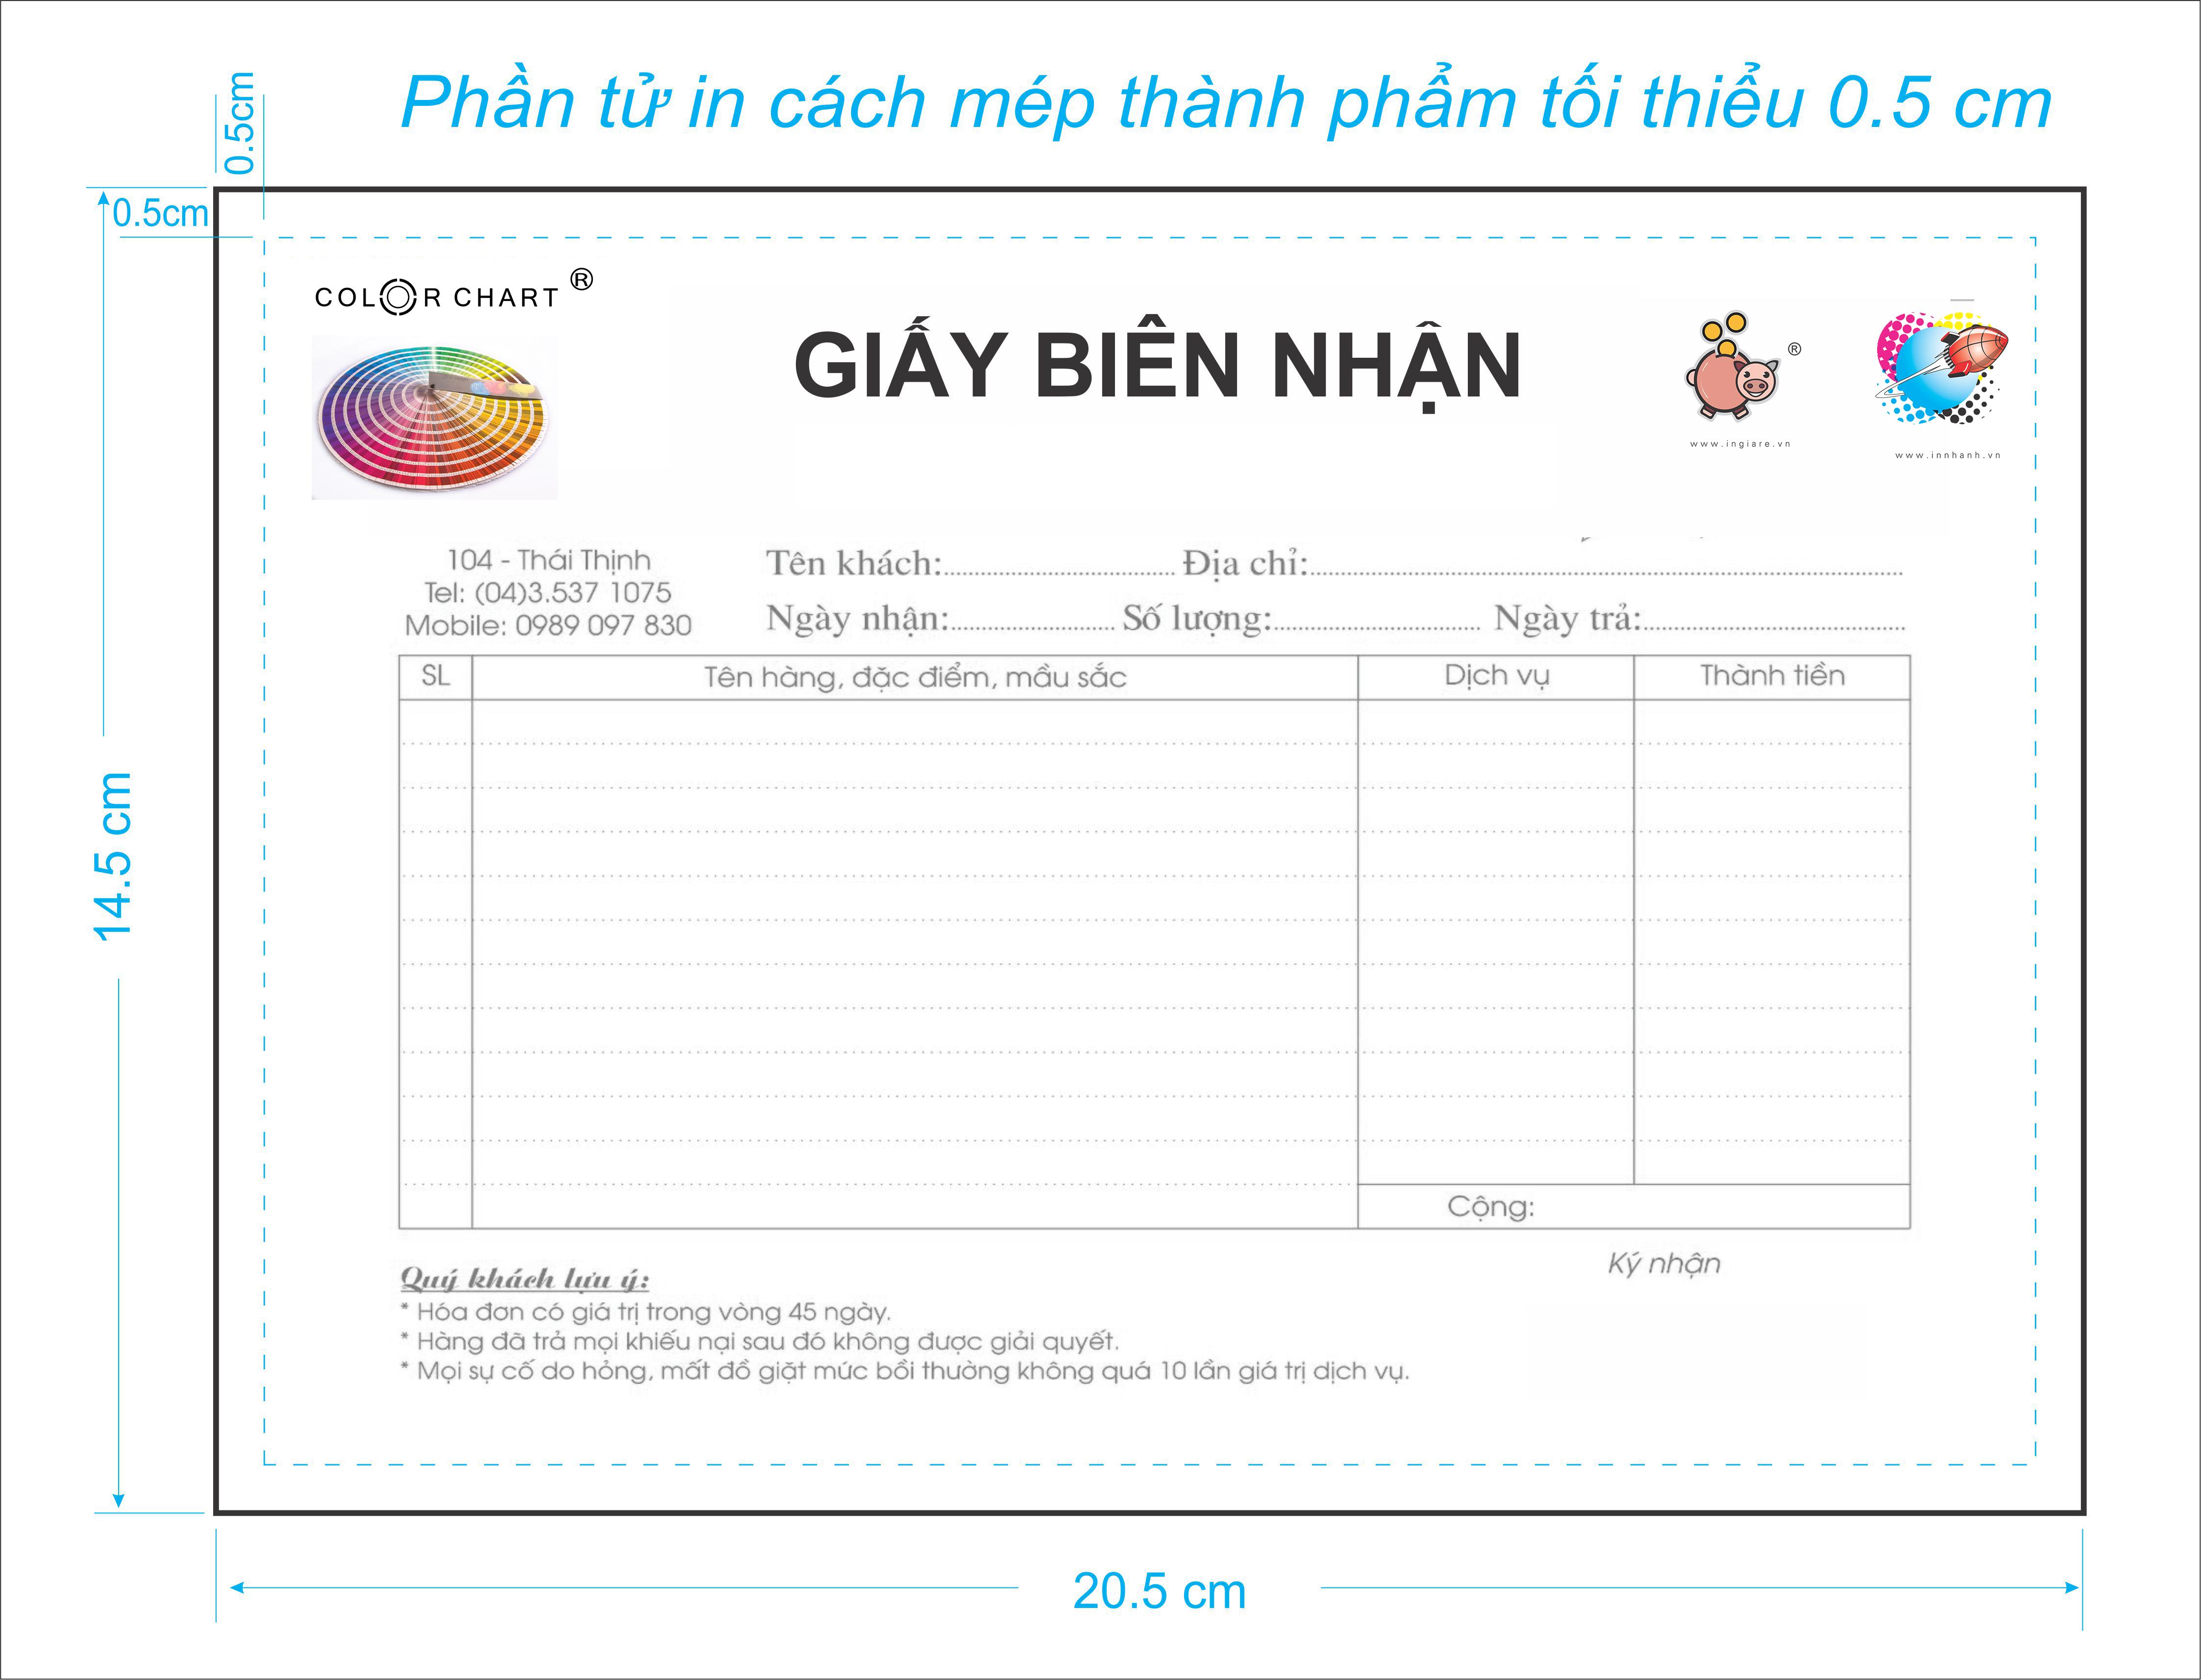 Biểu mẫu in giấy tiêu đề Pr doanh nghiệp hiệu quả